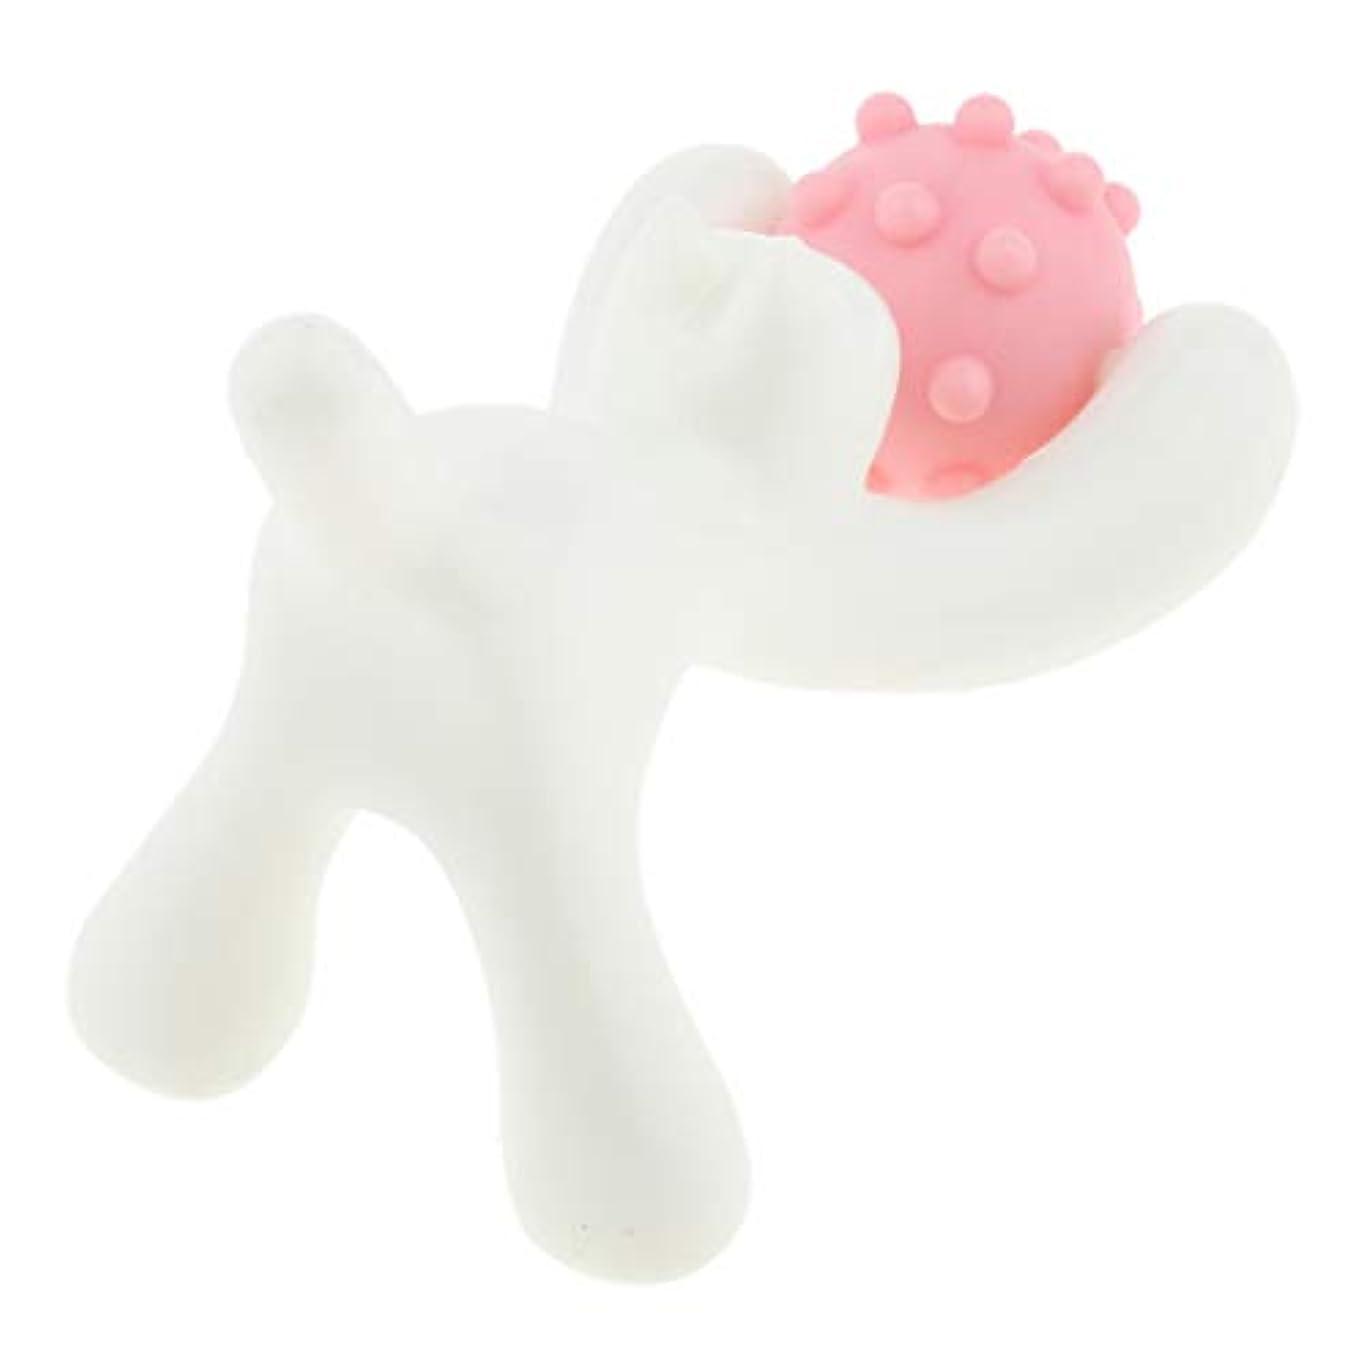 なぜならトレイペルメルフェイスローラー 美顔ローラー フェイス ボディー用 マッサージローラー 猫の形 快適 3色選ぶ - ピンク